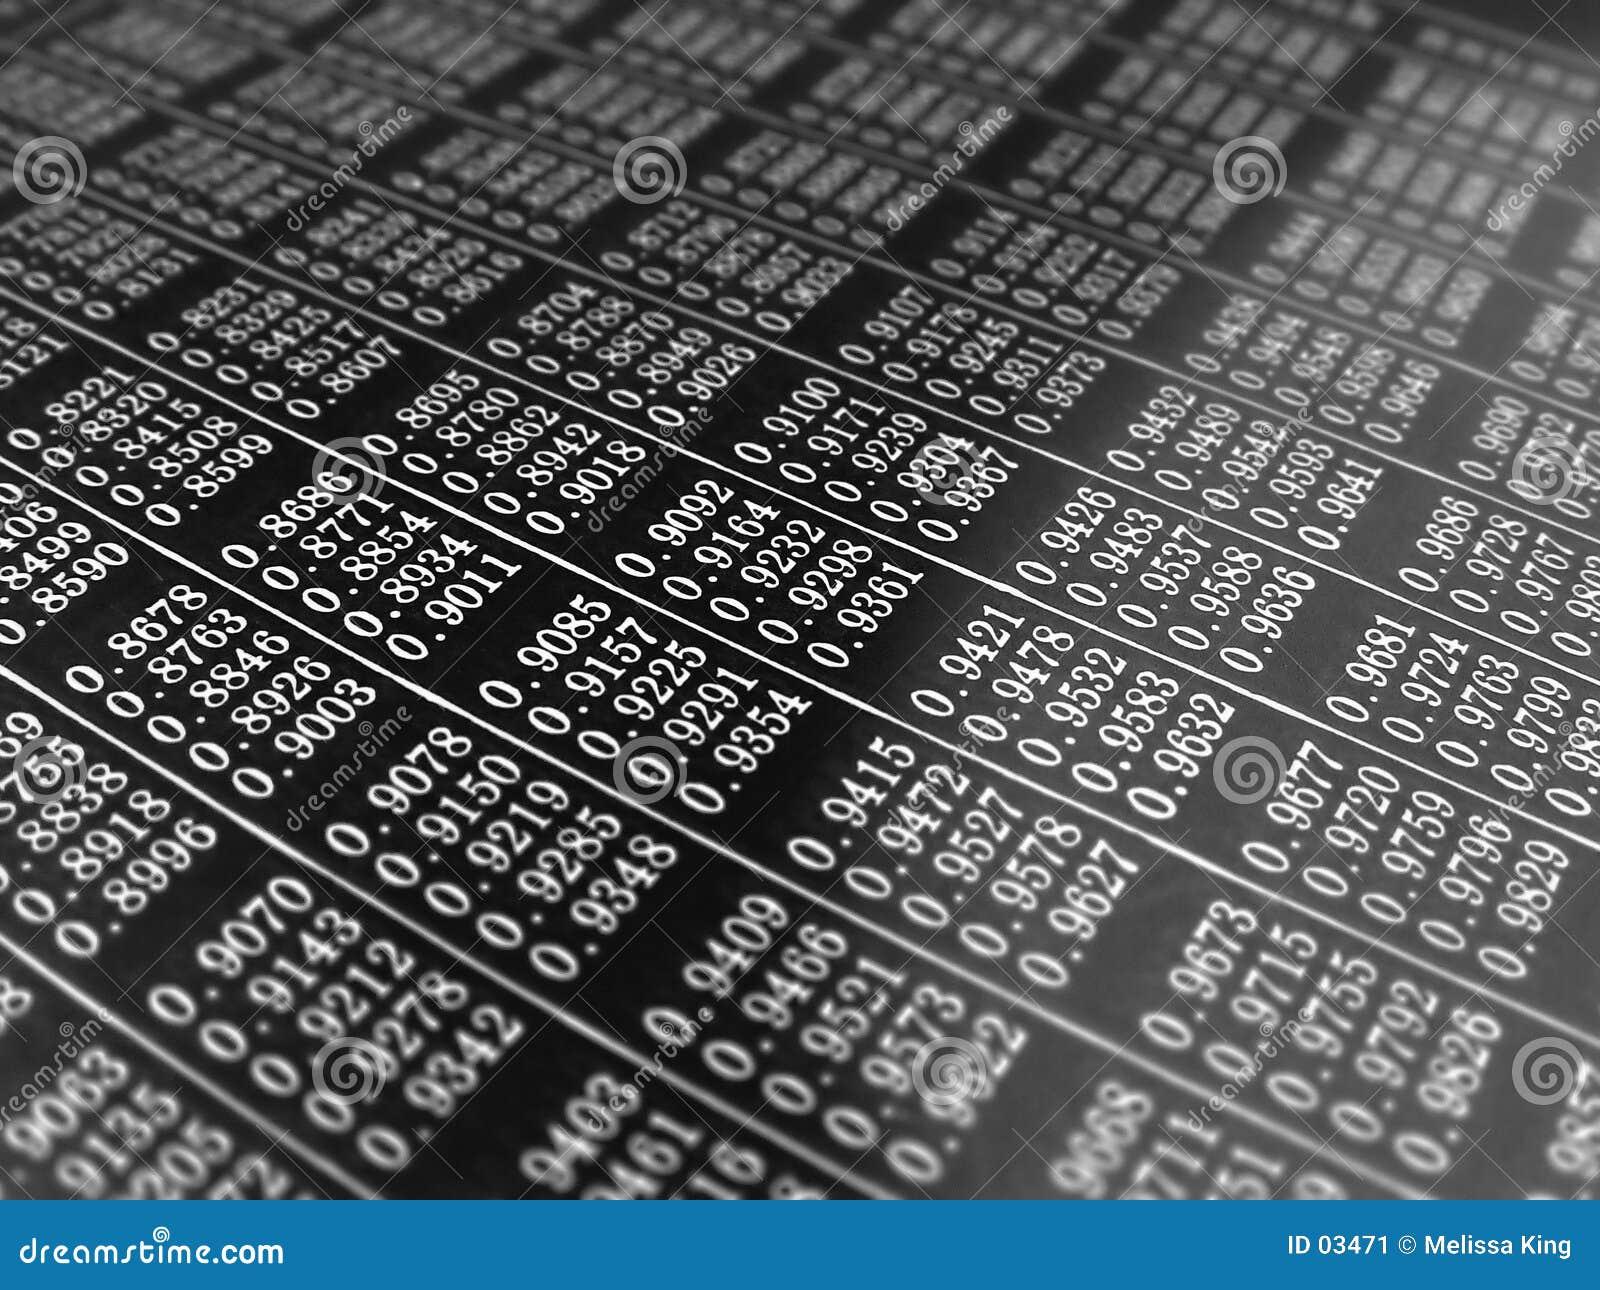 Abstrakter Hintergrund mit Zahlen